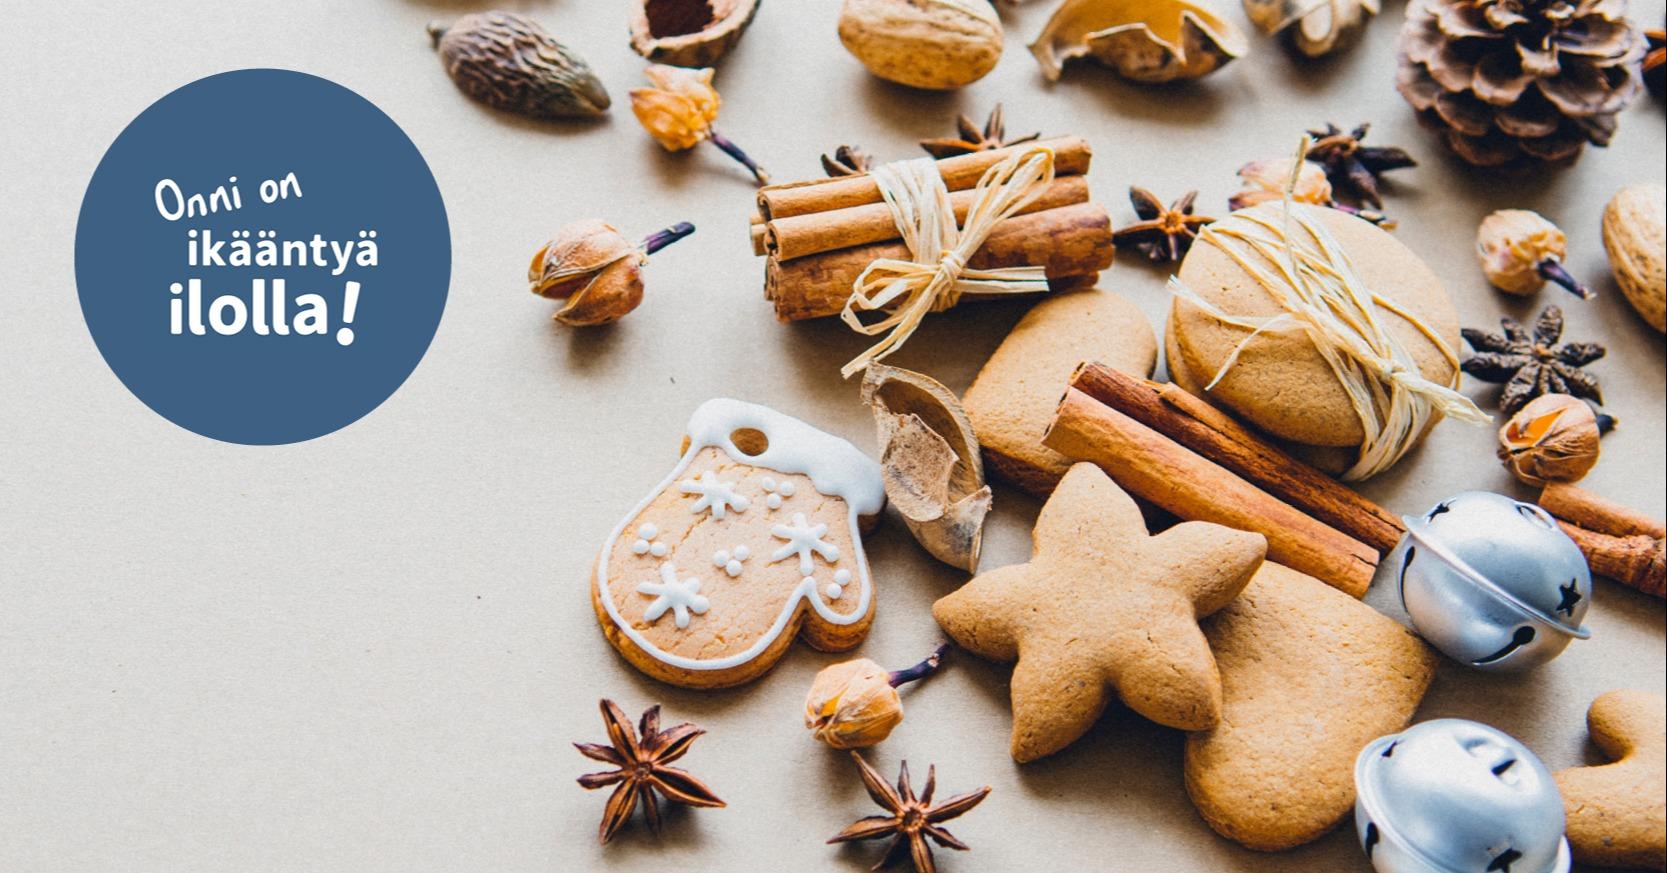 Kuvassa jouluisia mausteita ja logo jossa lukee Onni on ikääntyä ilolla!